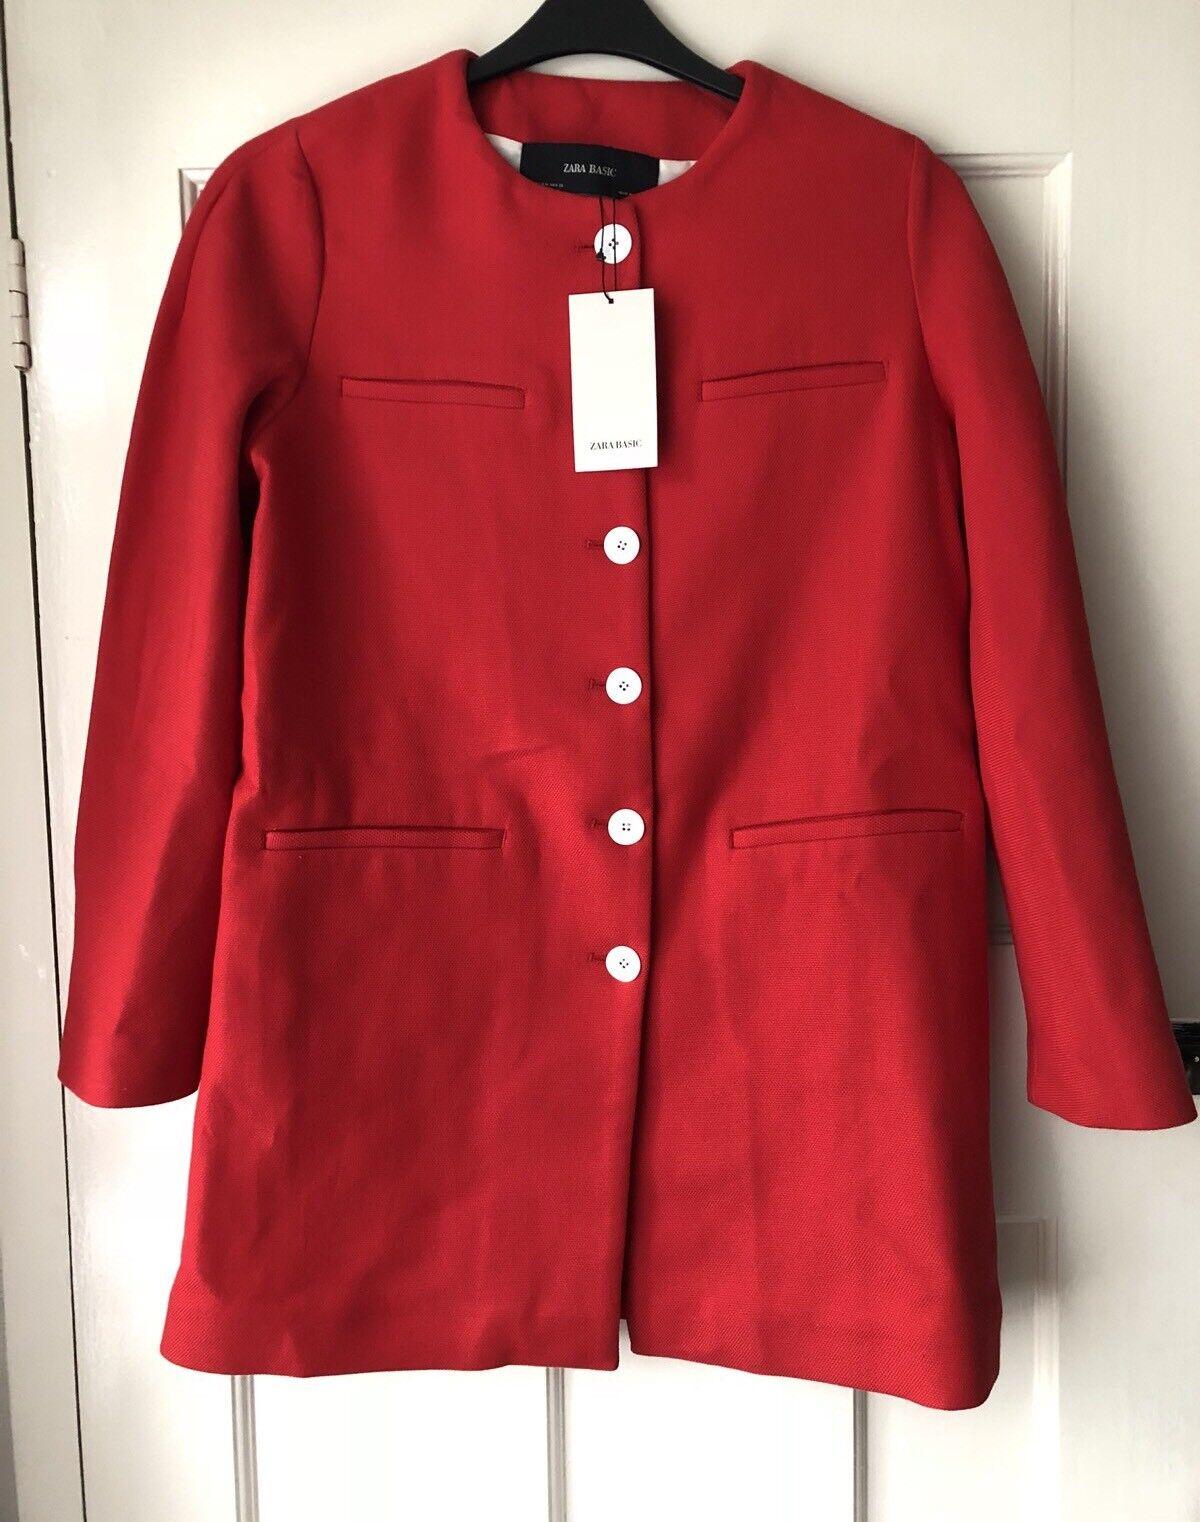 Zara Abrigo Rojo Con Con Con Botones En Contraste Talla M BNWT 41956f